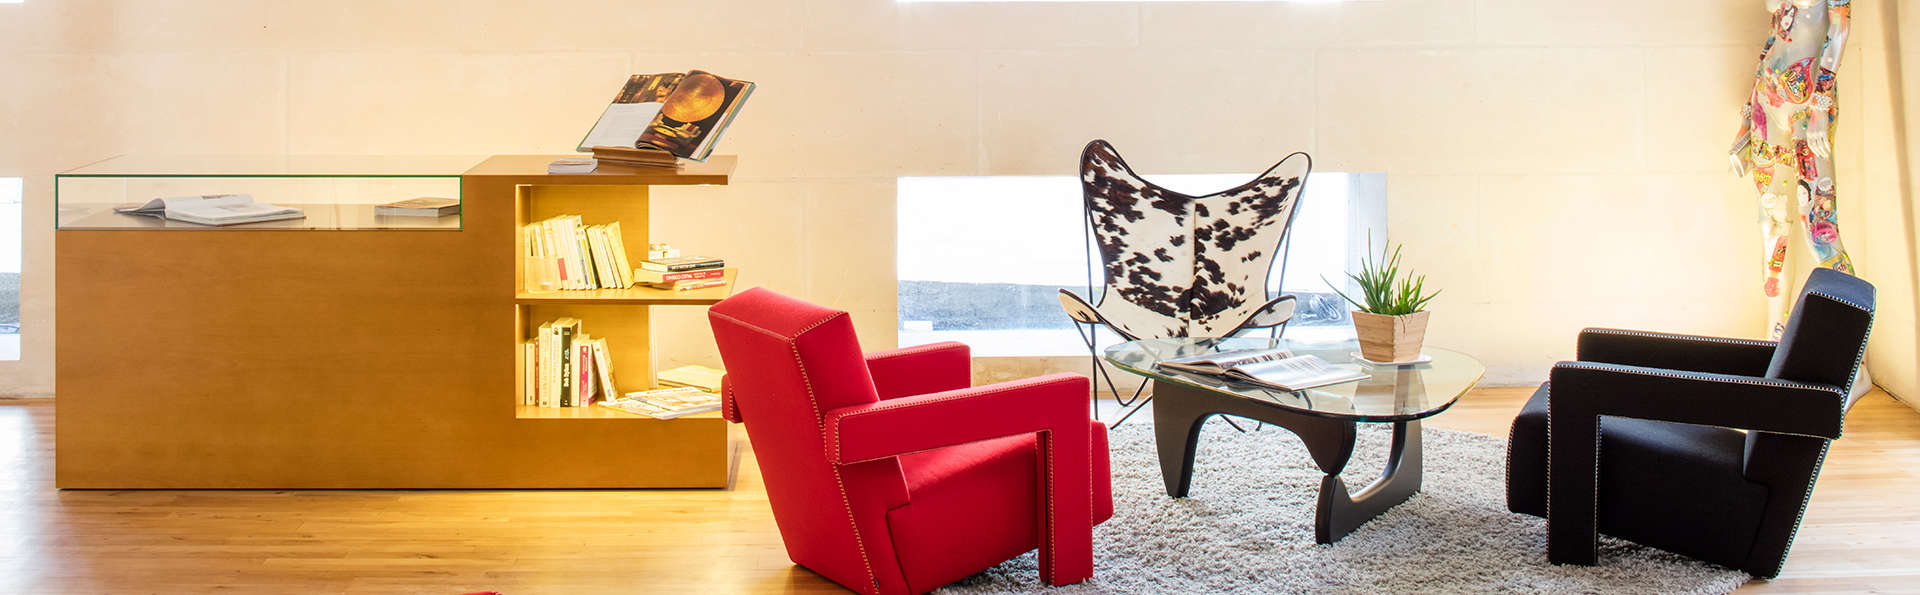 Week-end dans un hôtel design à Nantes